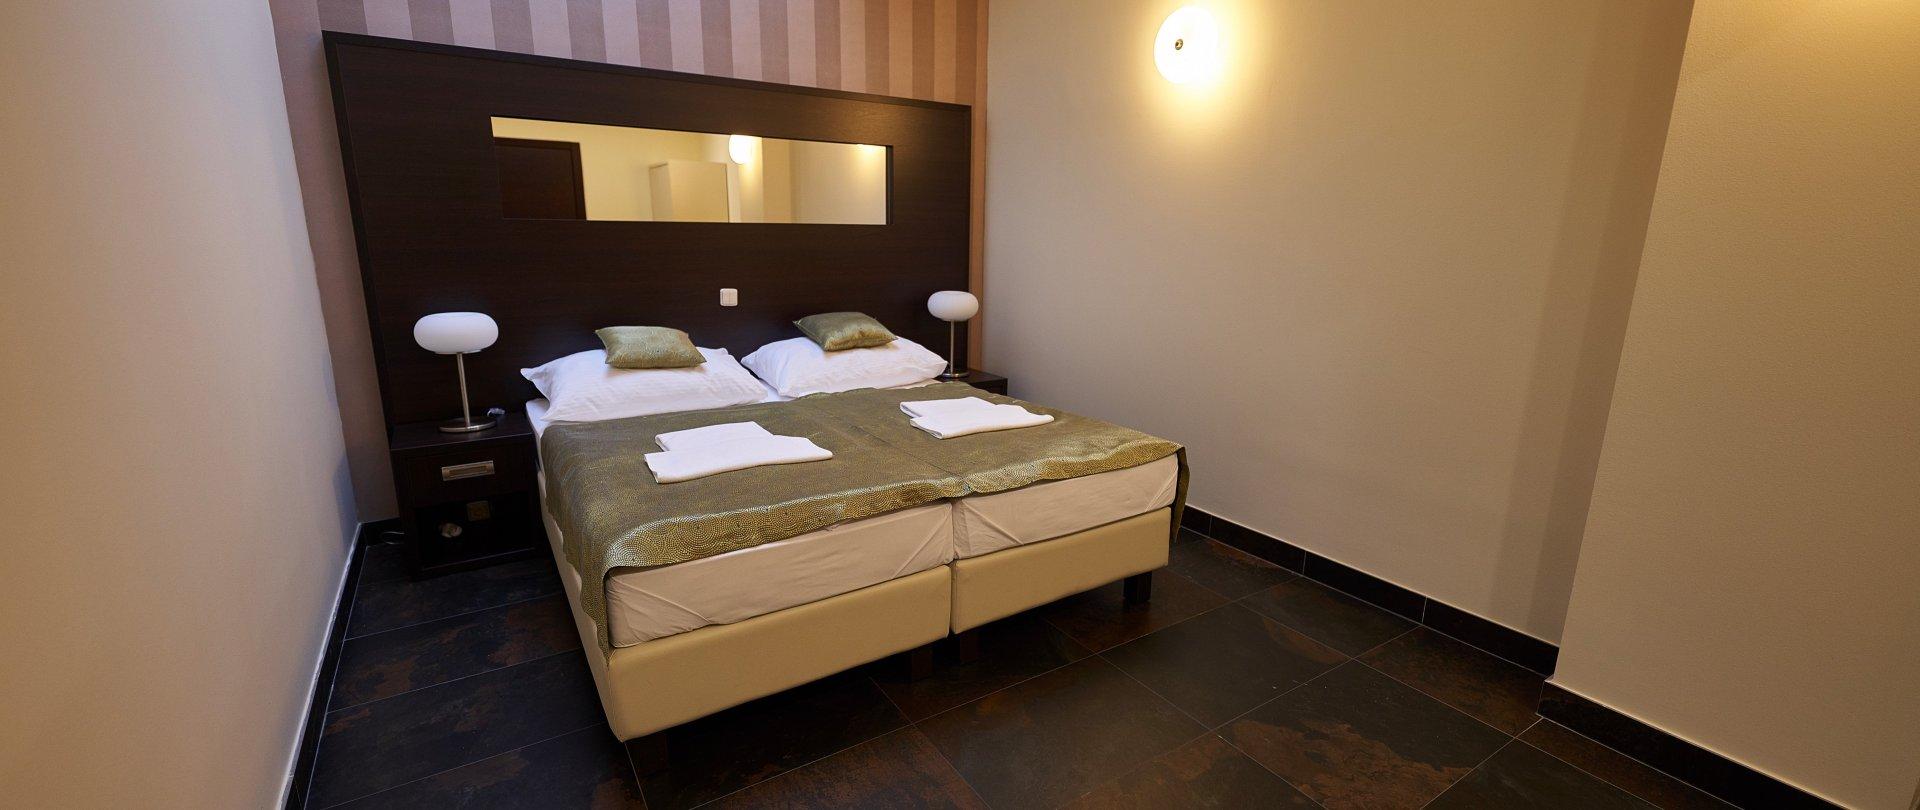 Appartement mit 1 Schlaffzimmer, ohne Balkon